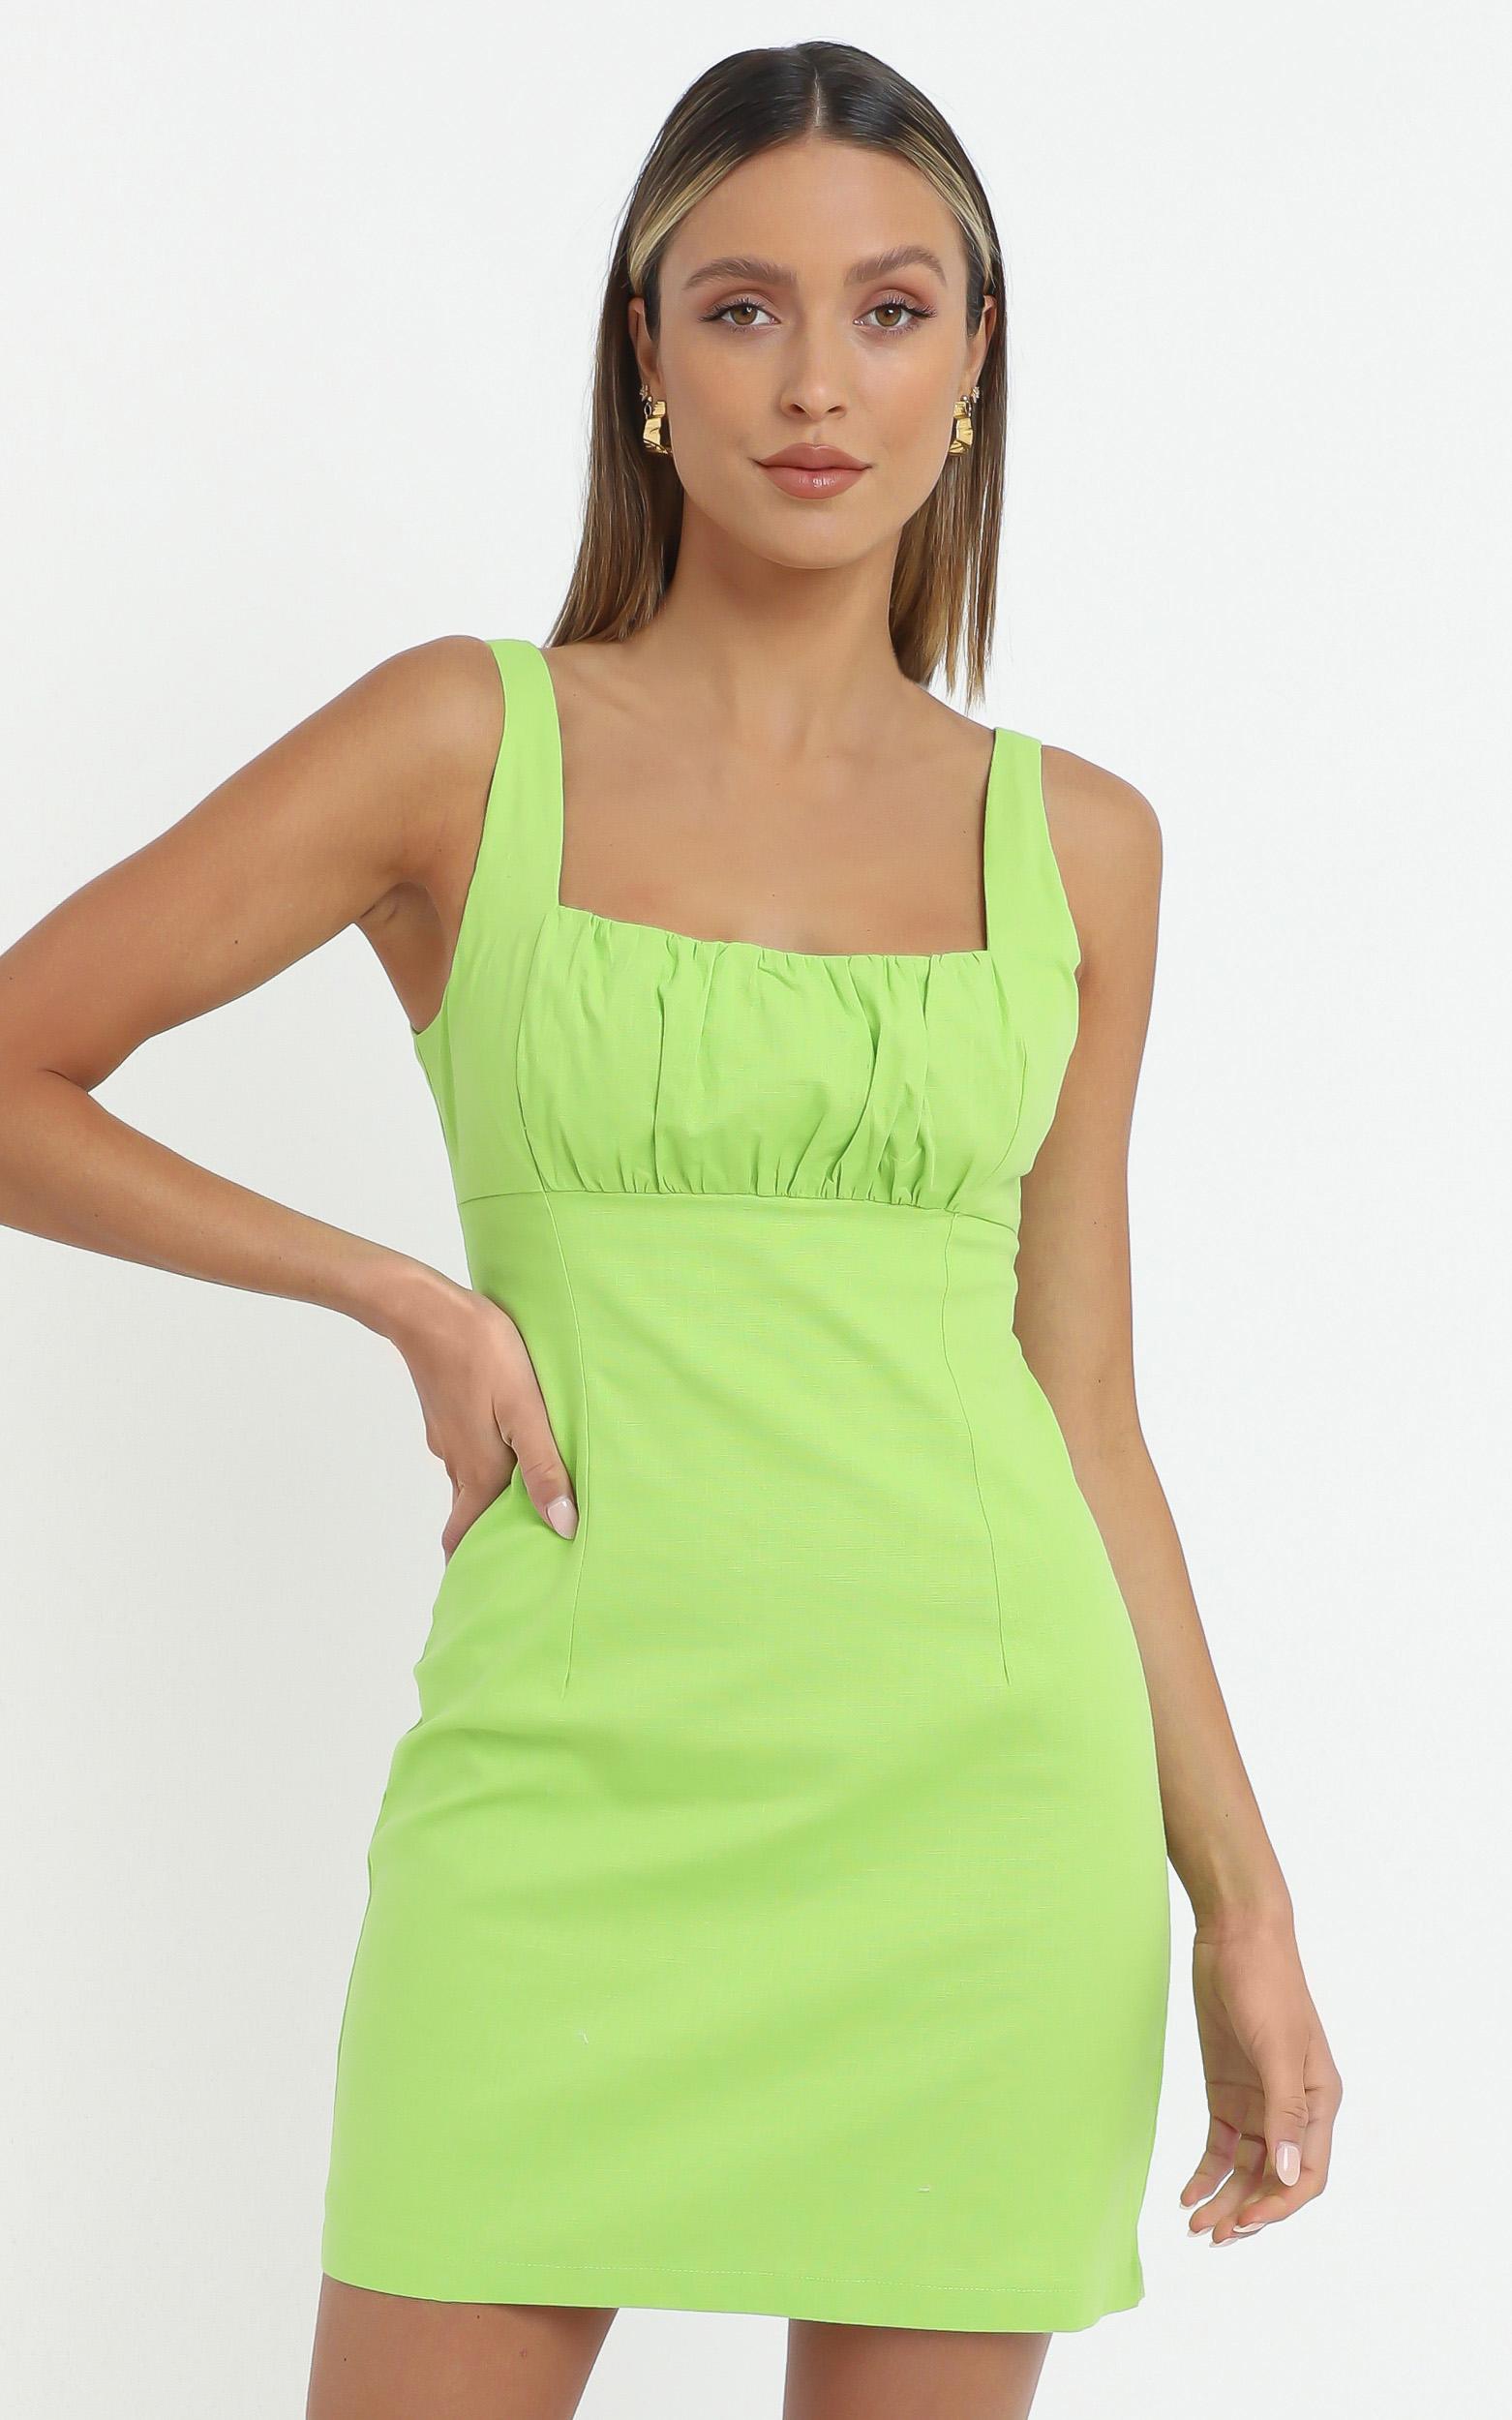 Tillie Dress in Lime, Green, hi-res image number null